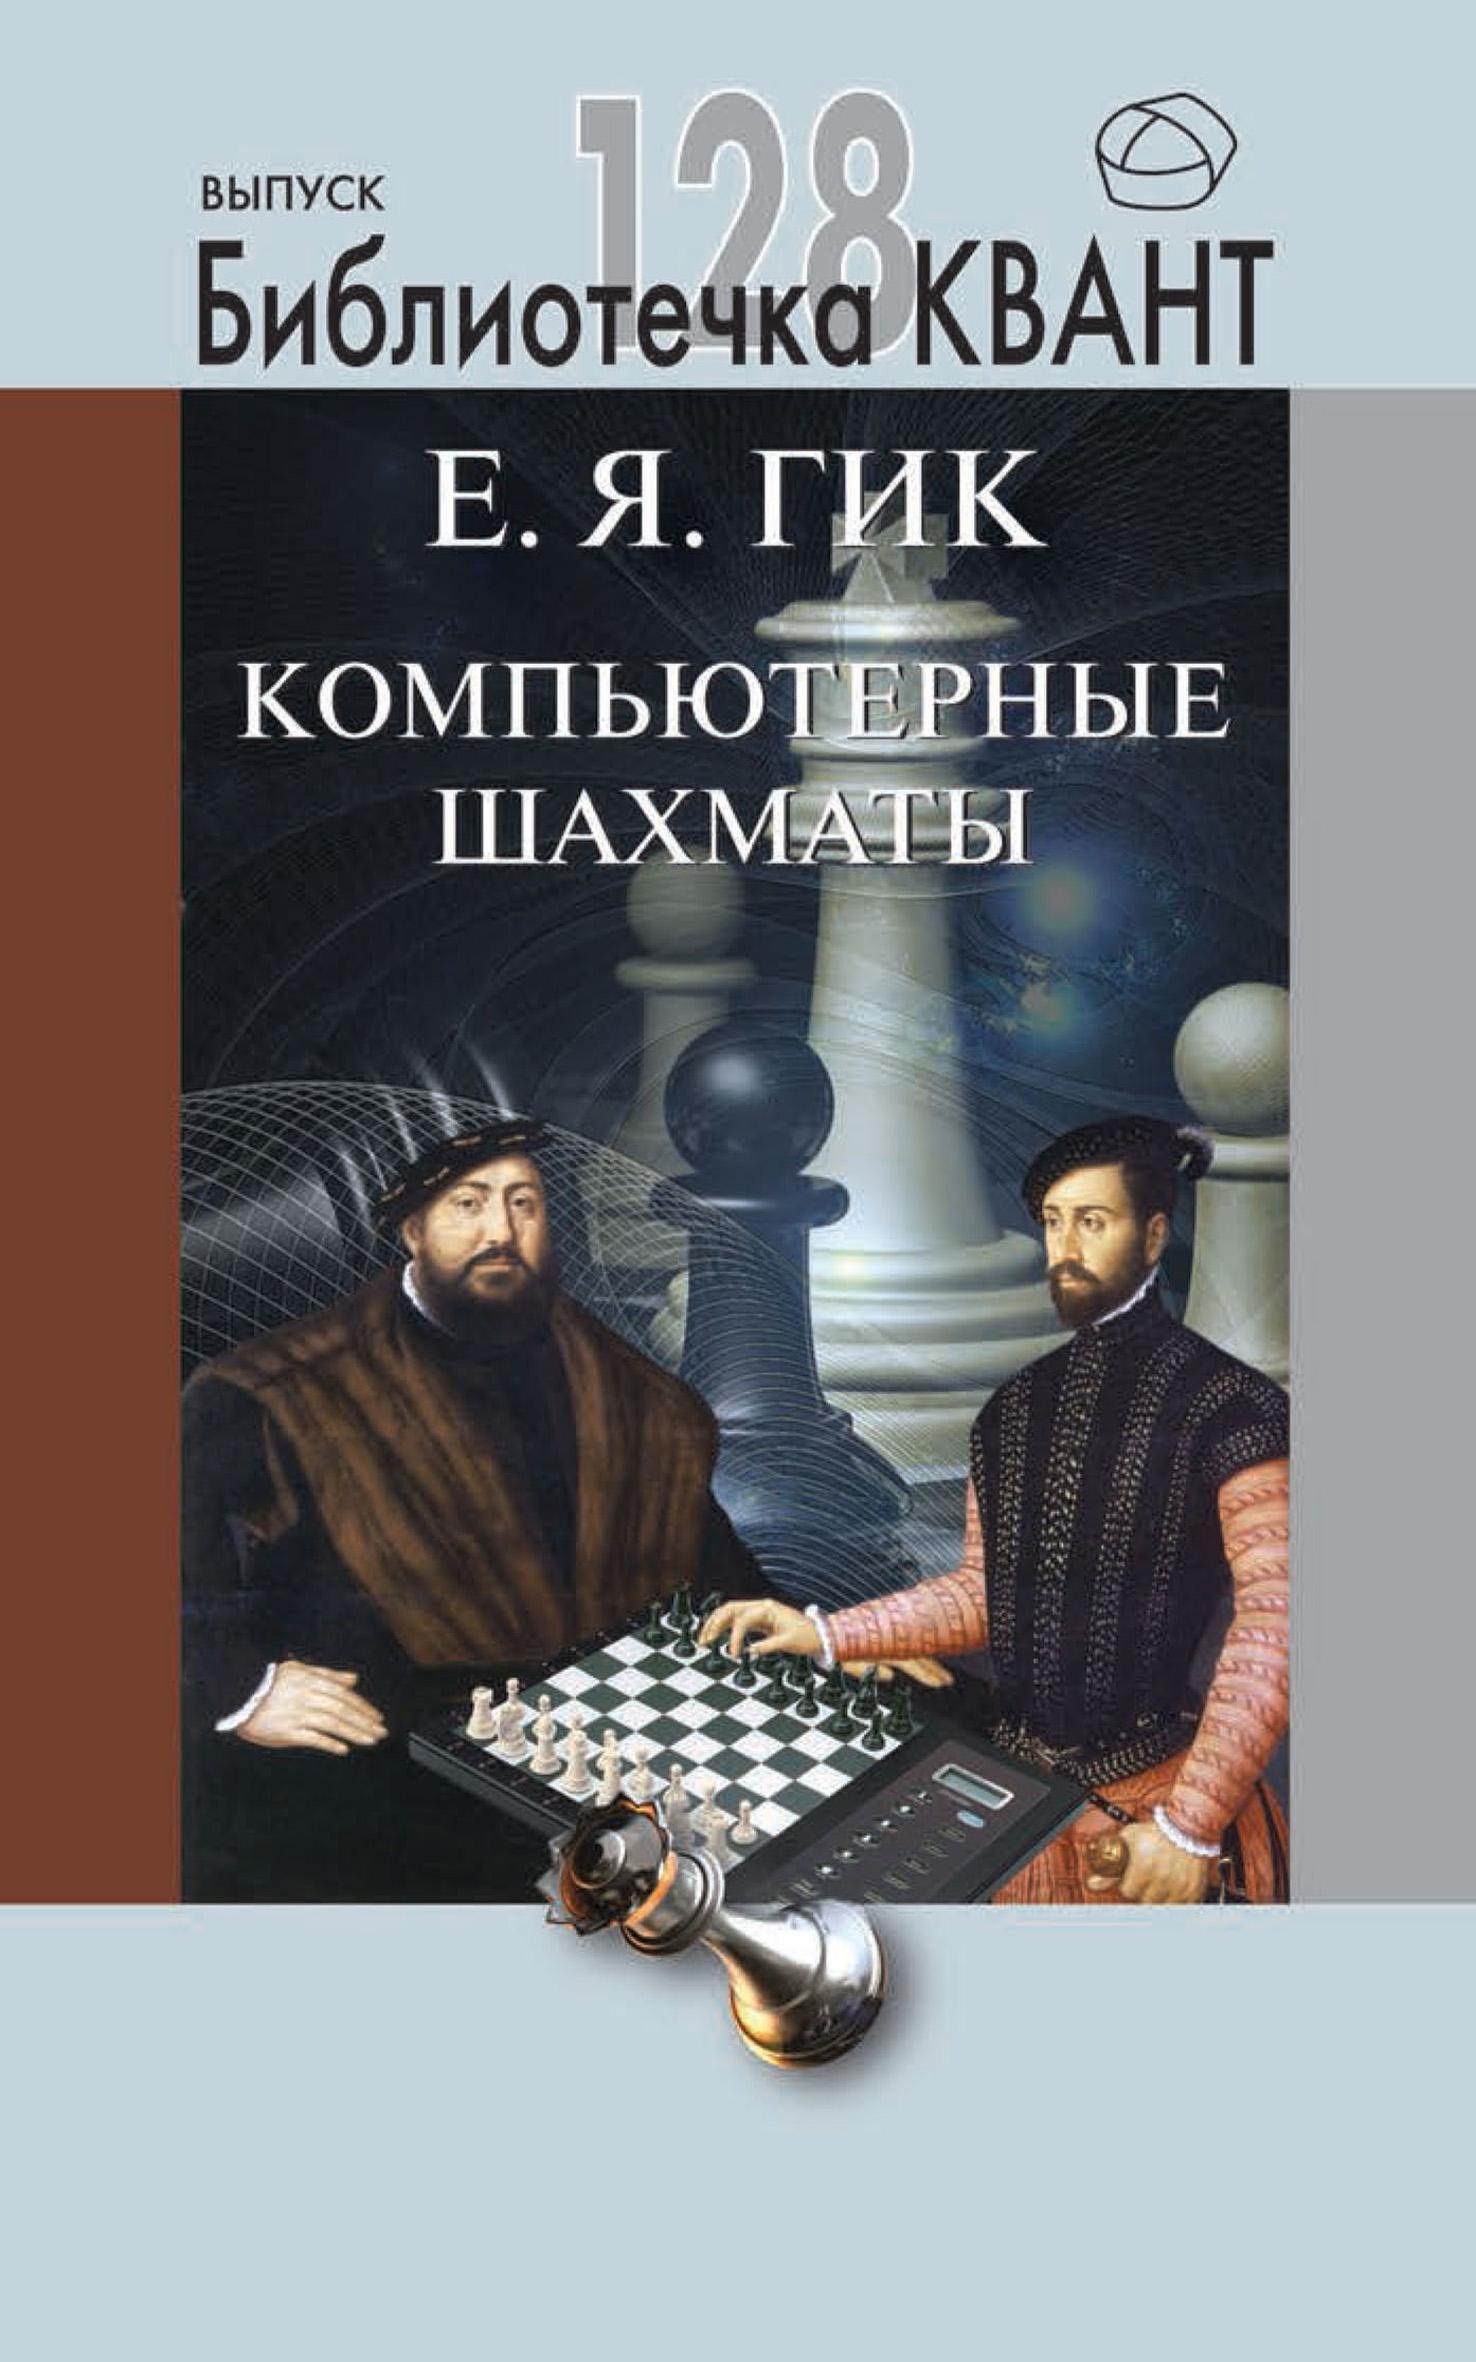 цена на Евгений Гик Компьютерные шахматы. Приложение к журналу «Квант» №4/2013